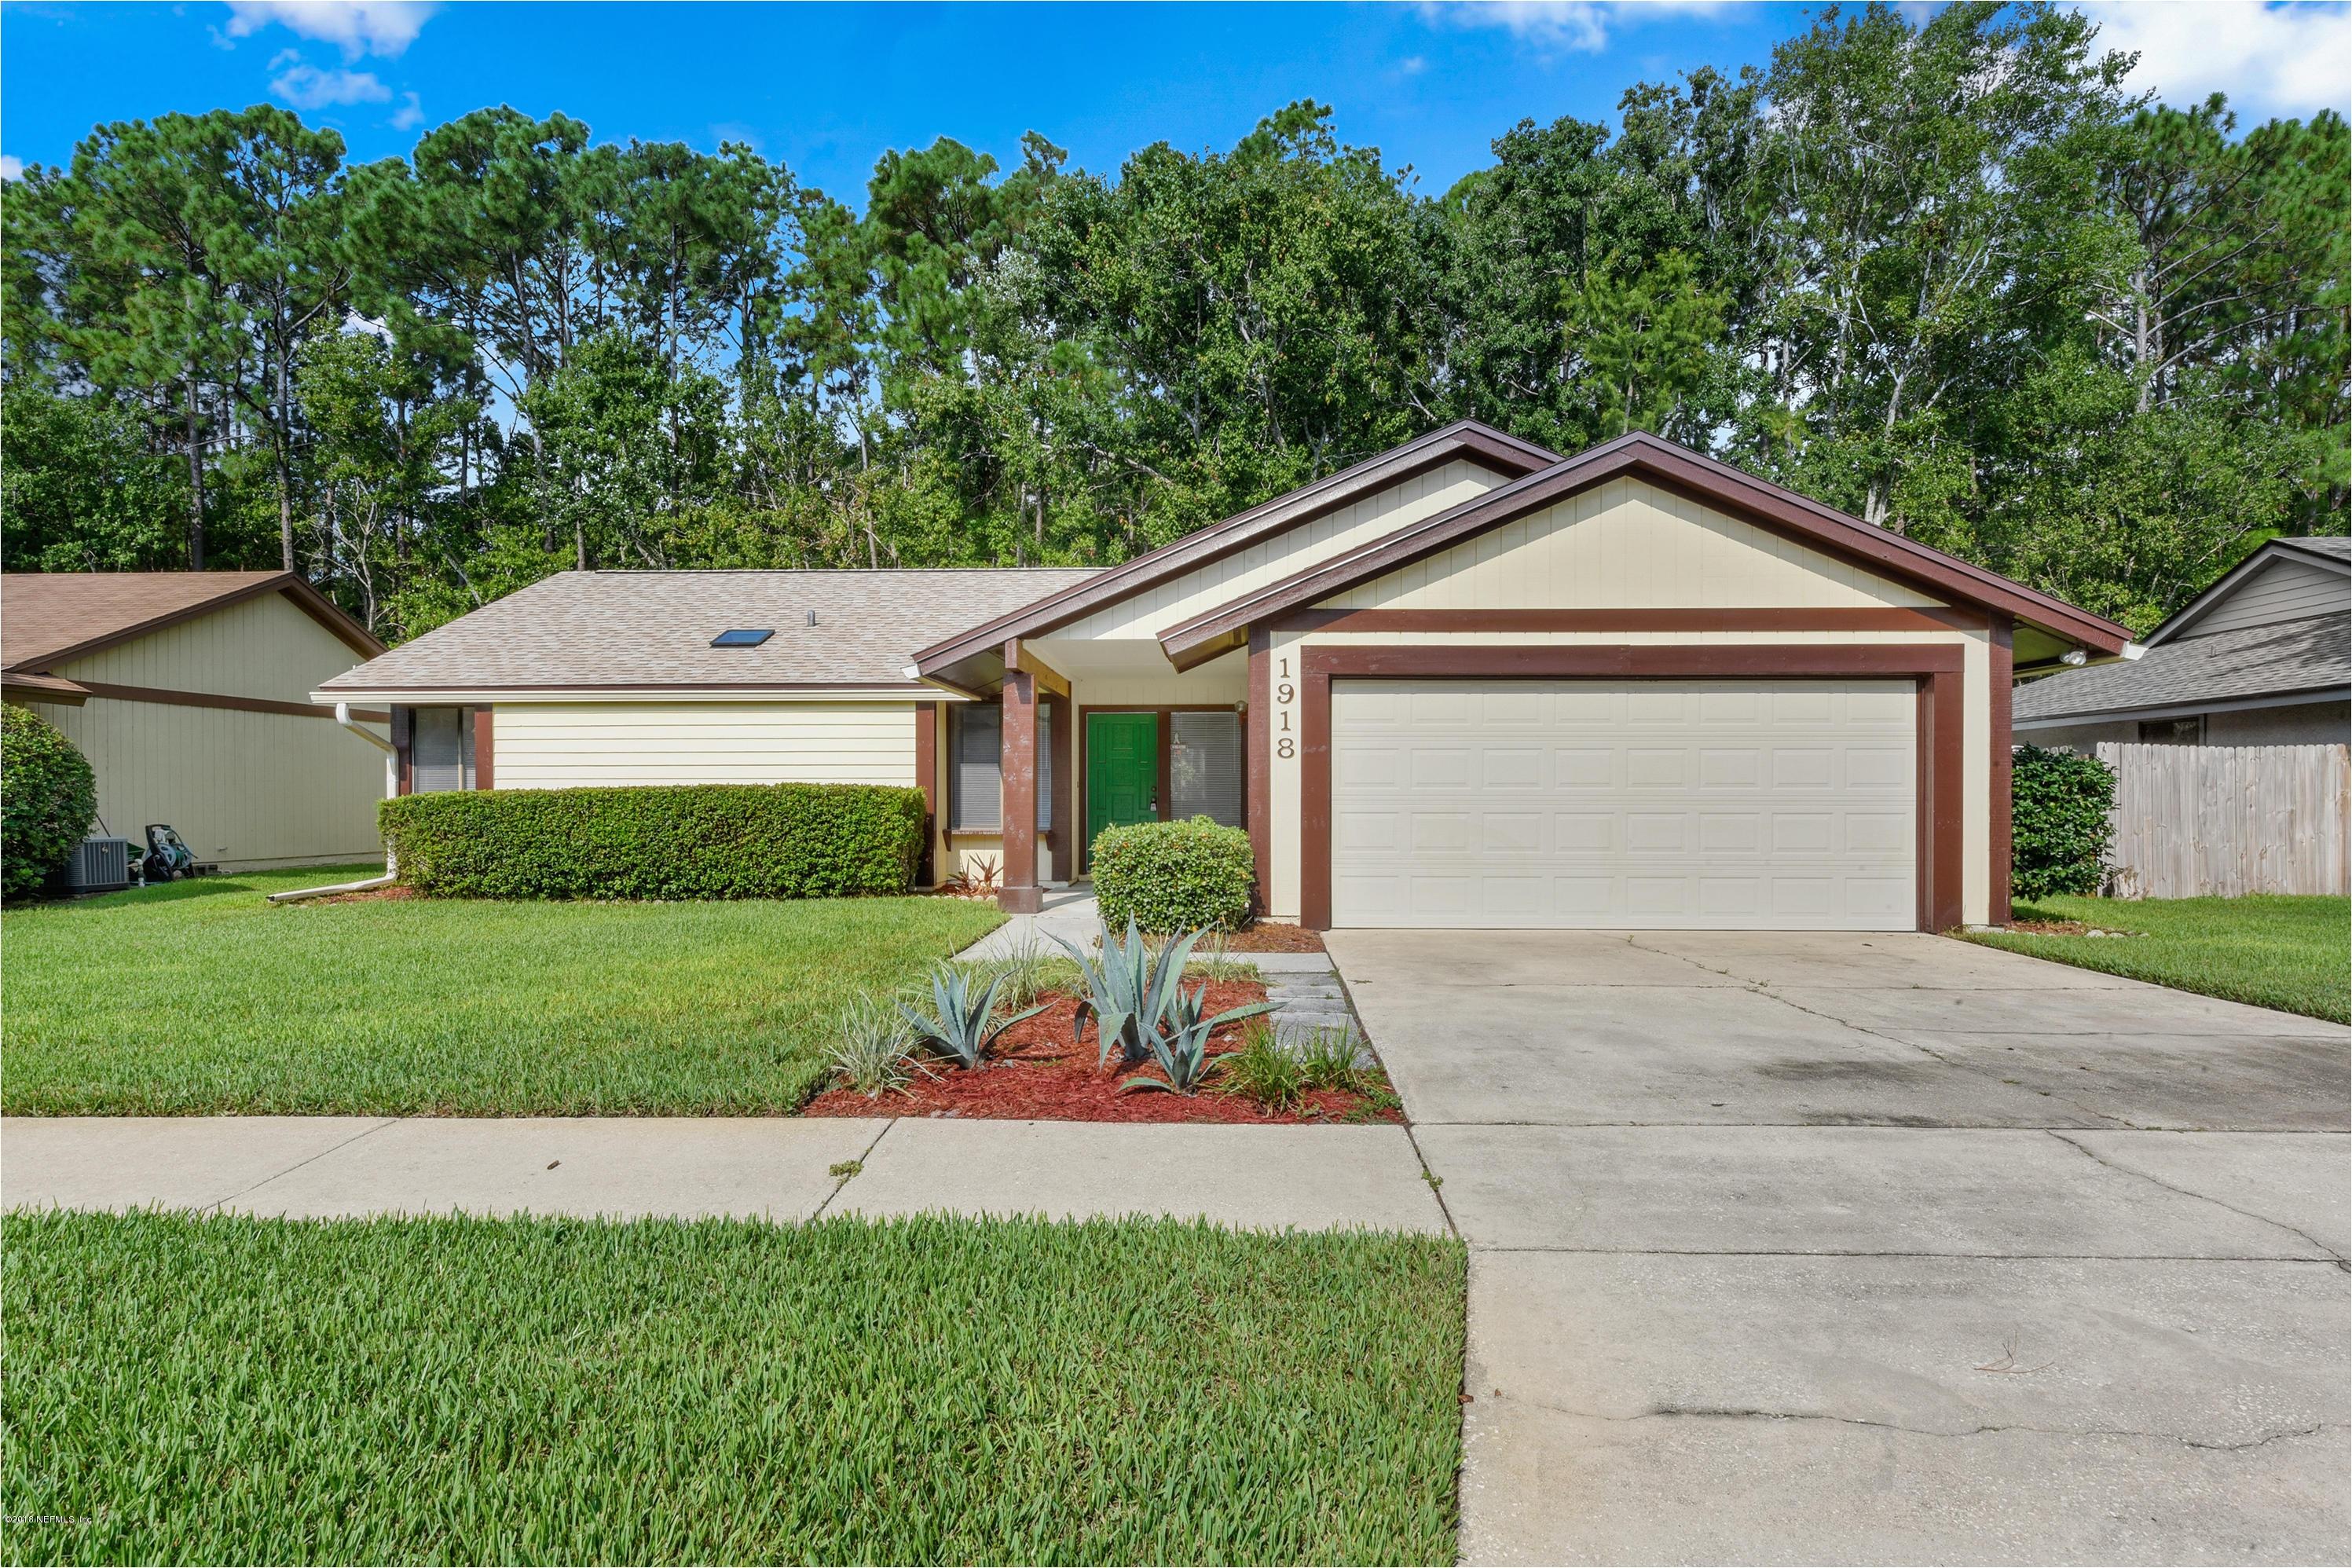 Homes for Sale In Jacksonville Fl 32246 House for Sale 1918 Deer Run Trl Jacksonville Florida 32246